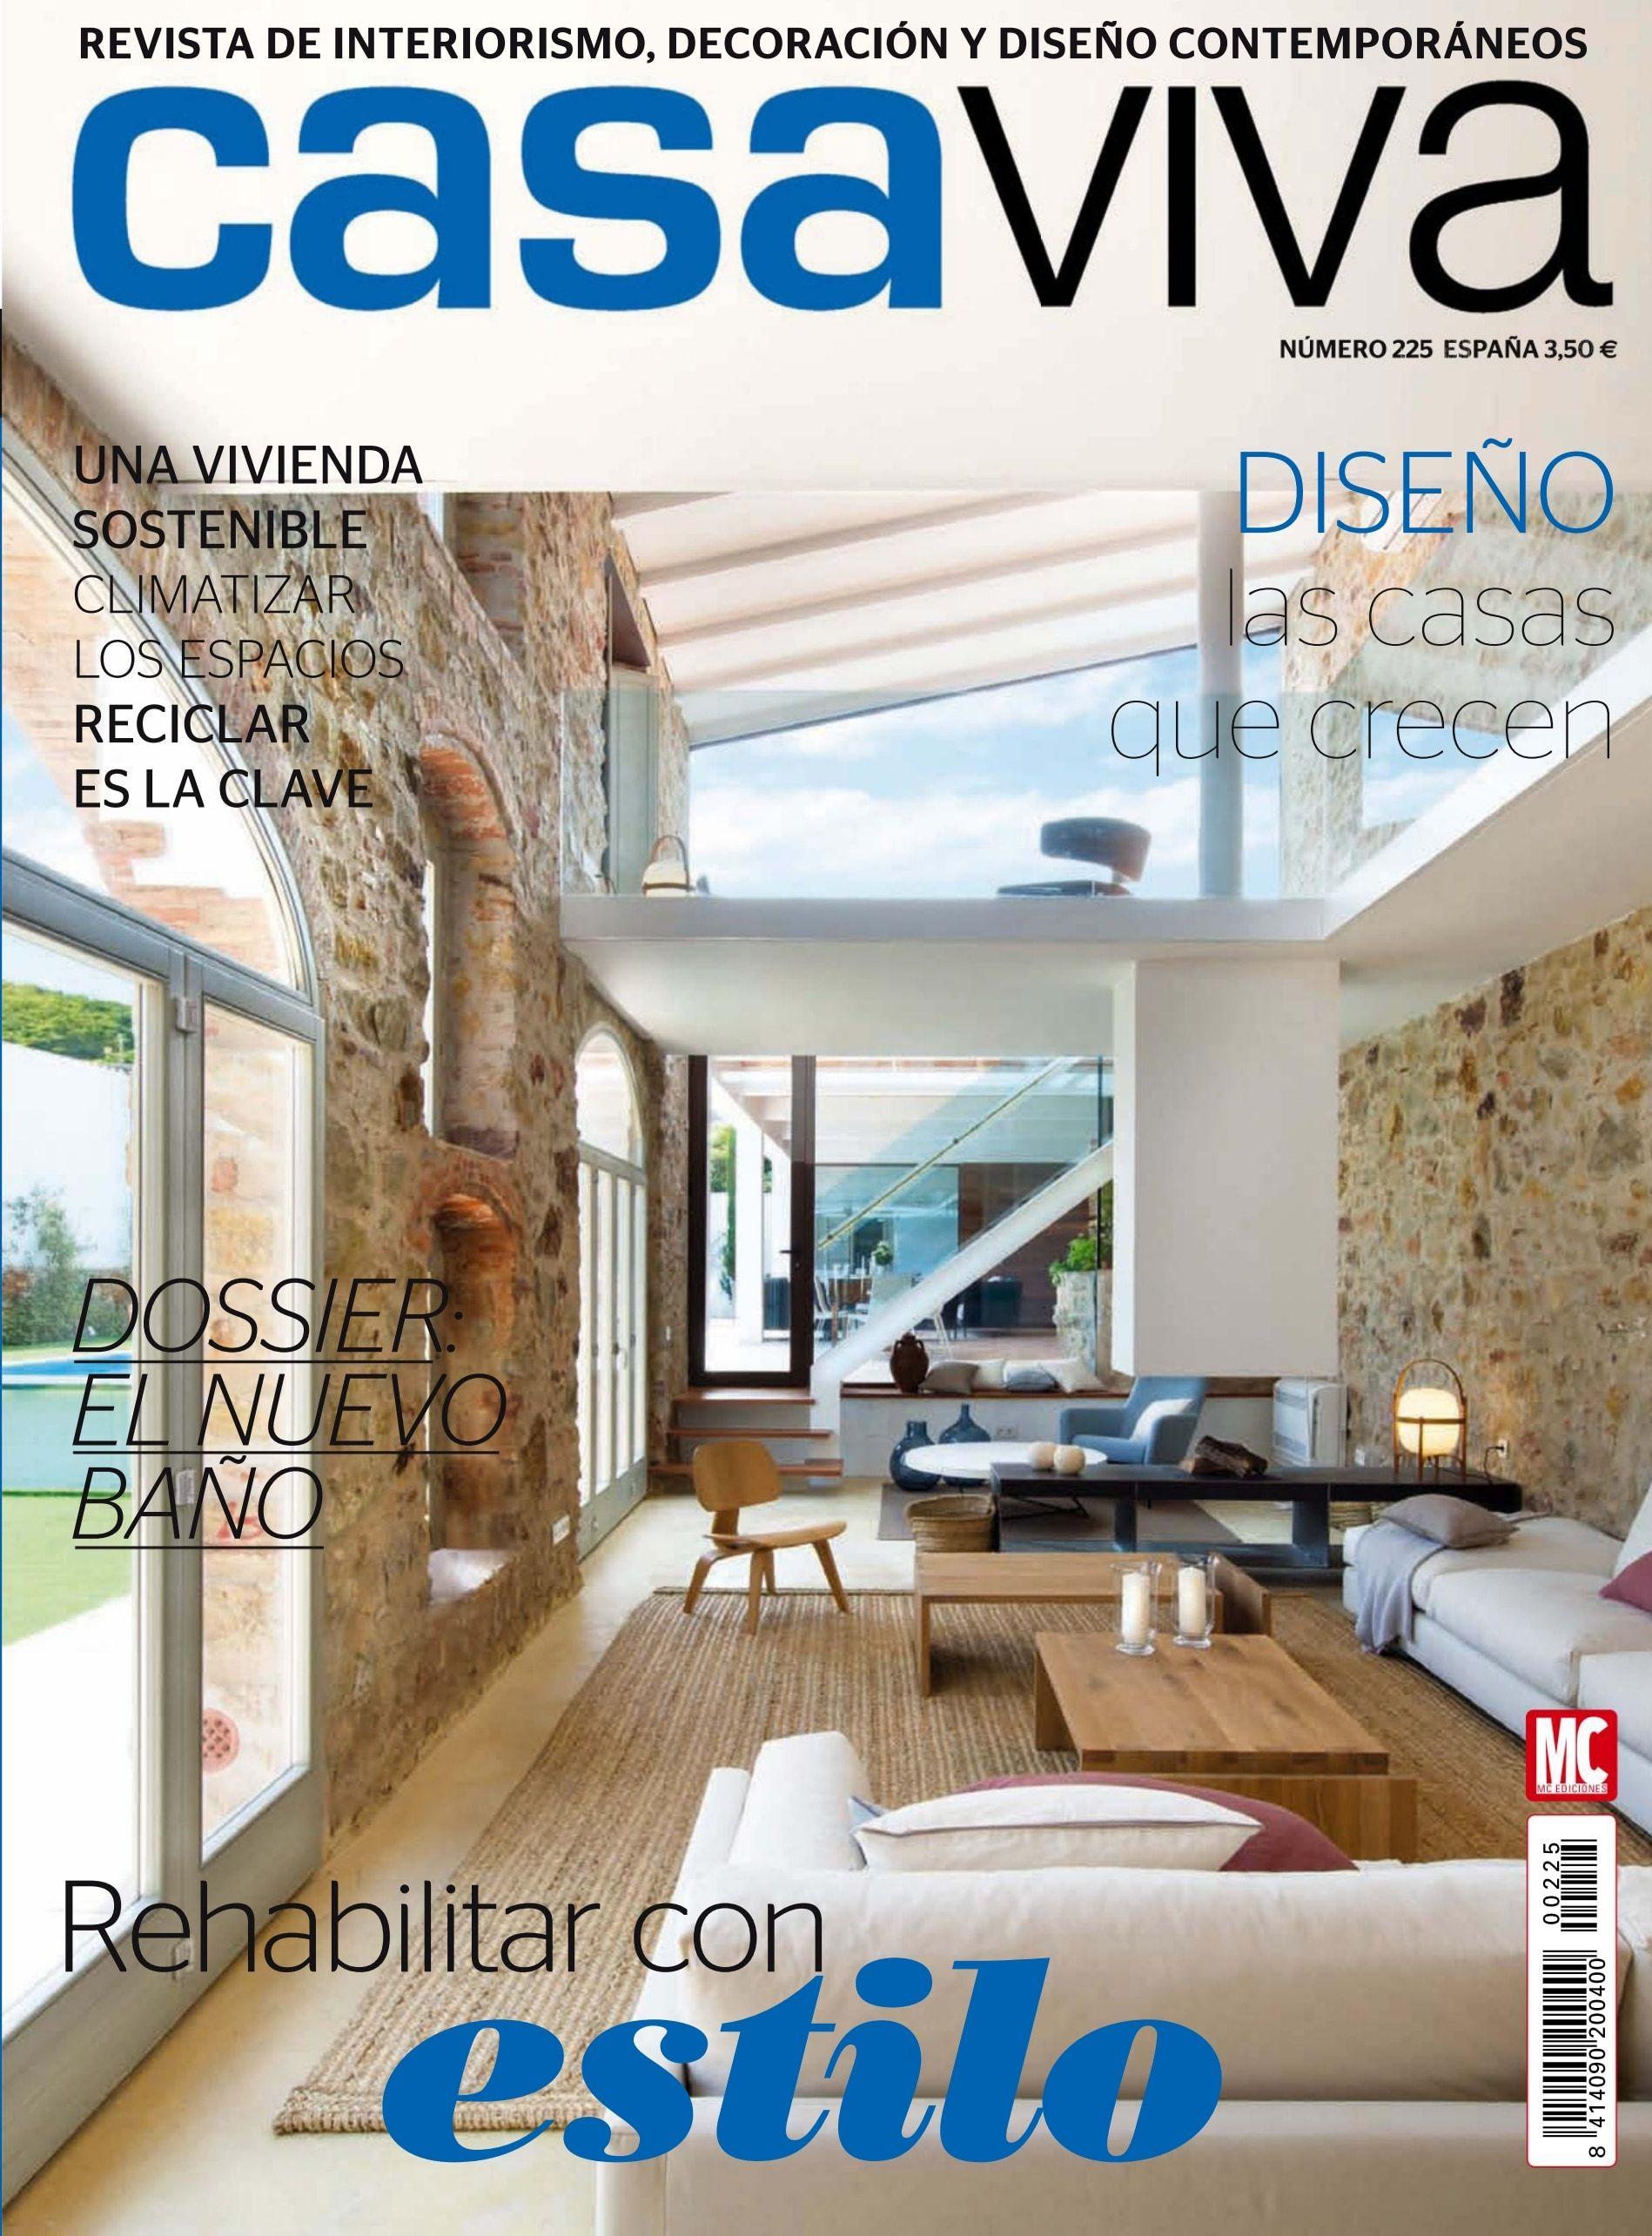 Revista Casa Viva 225 Febrero 2016 Rehabilitar Con Estilo Dise O Las Casas Que Crecen